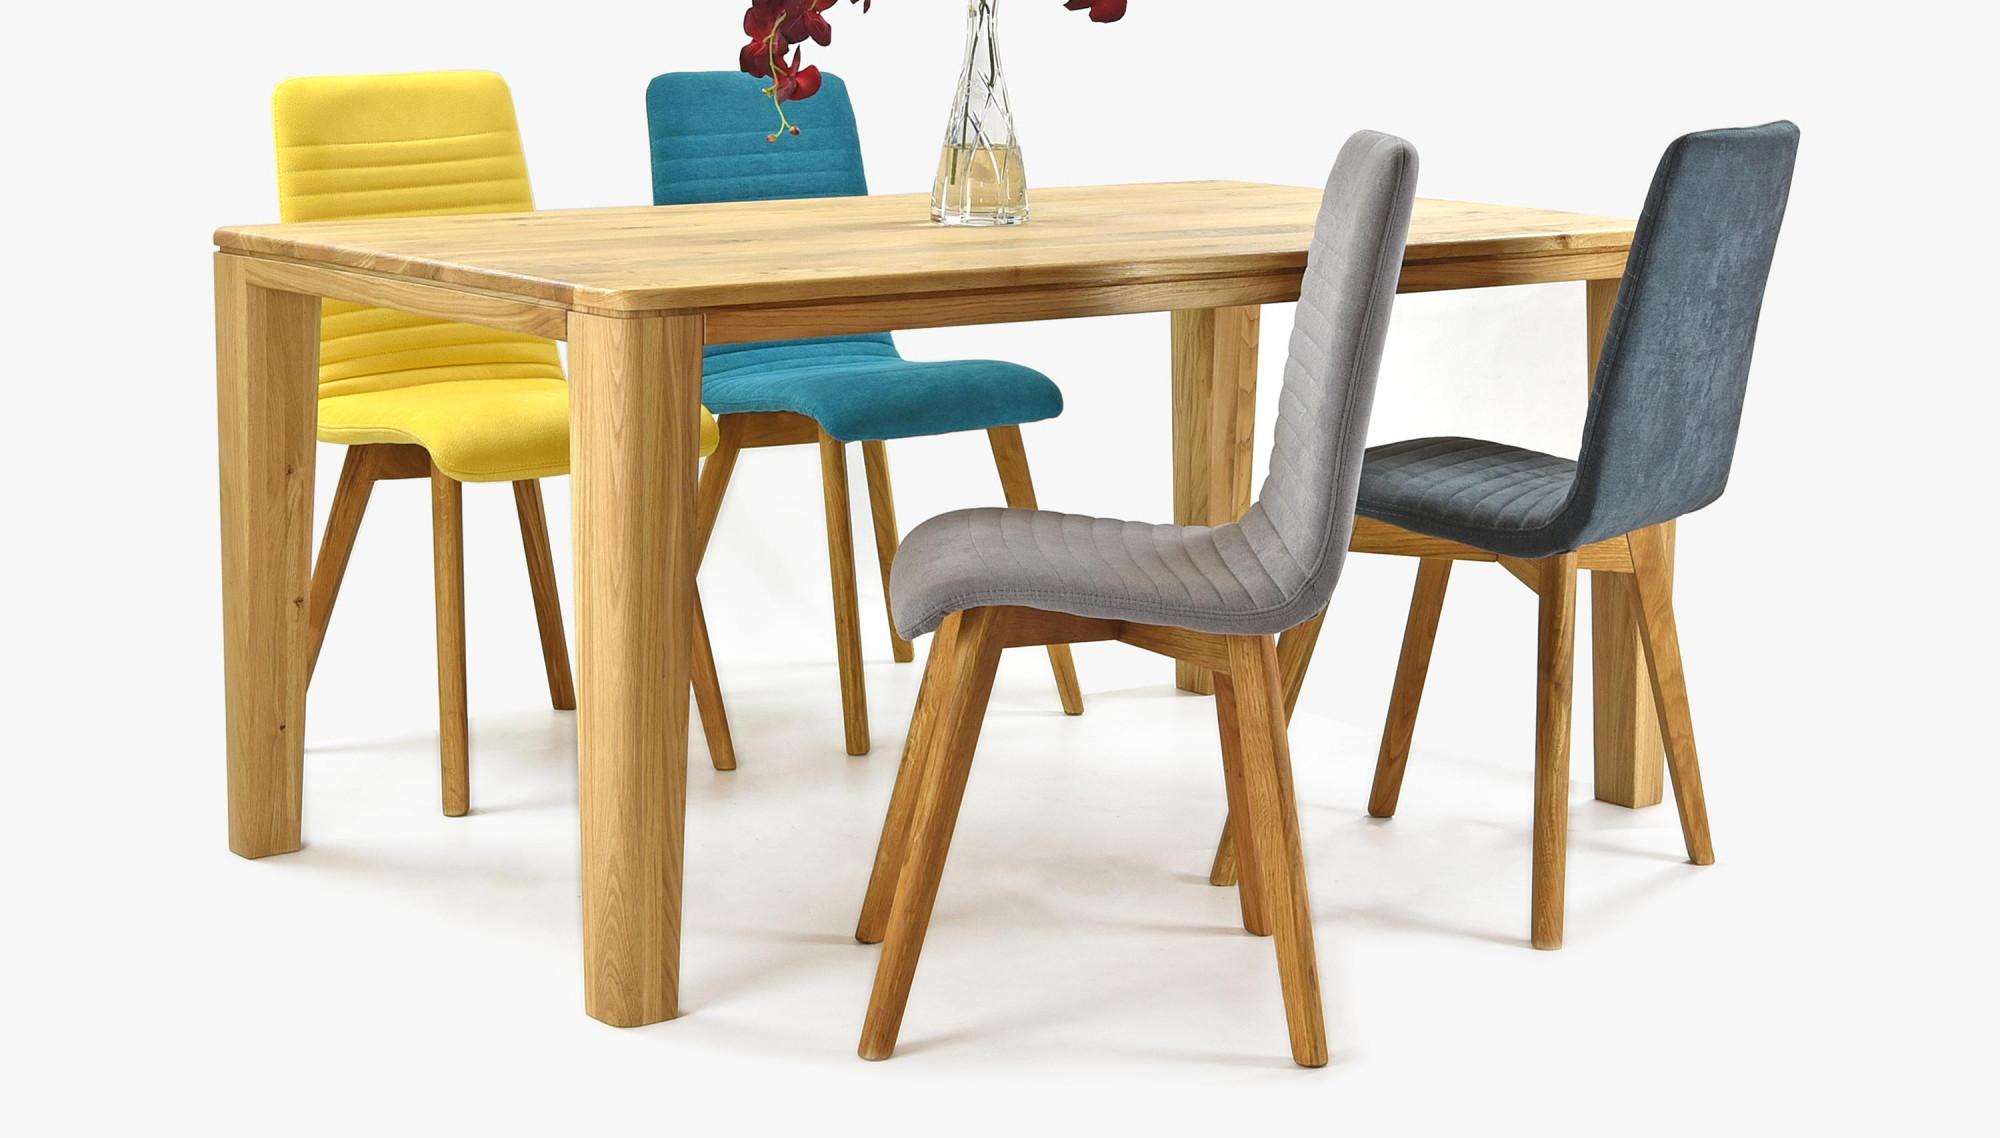 Moderný stôl a stoličky do jedálne z masívu